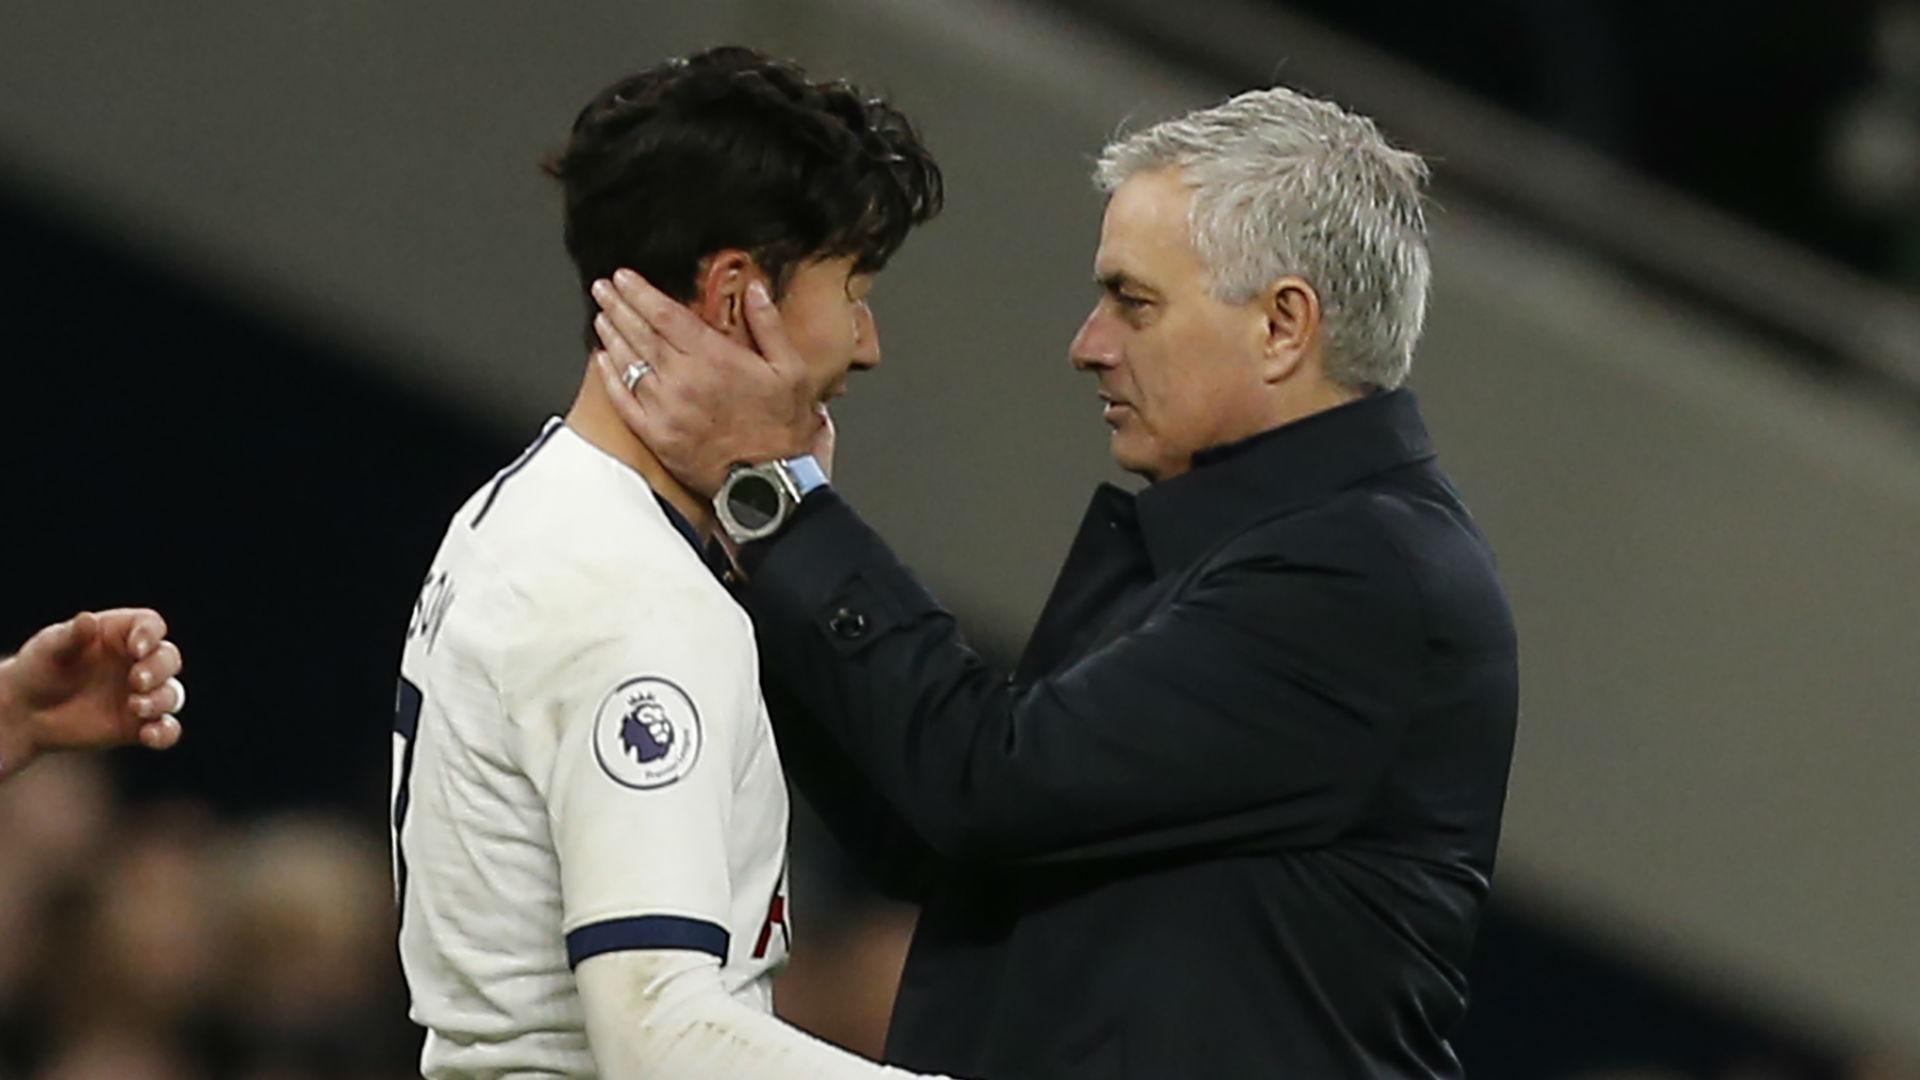 Tottenham duo Lloris and Son dismiss rumours of squad unrest under Mourinho